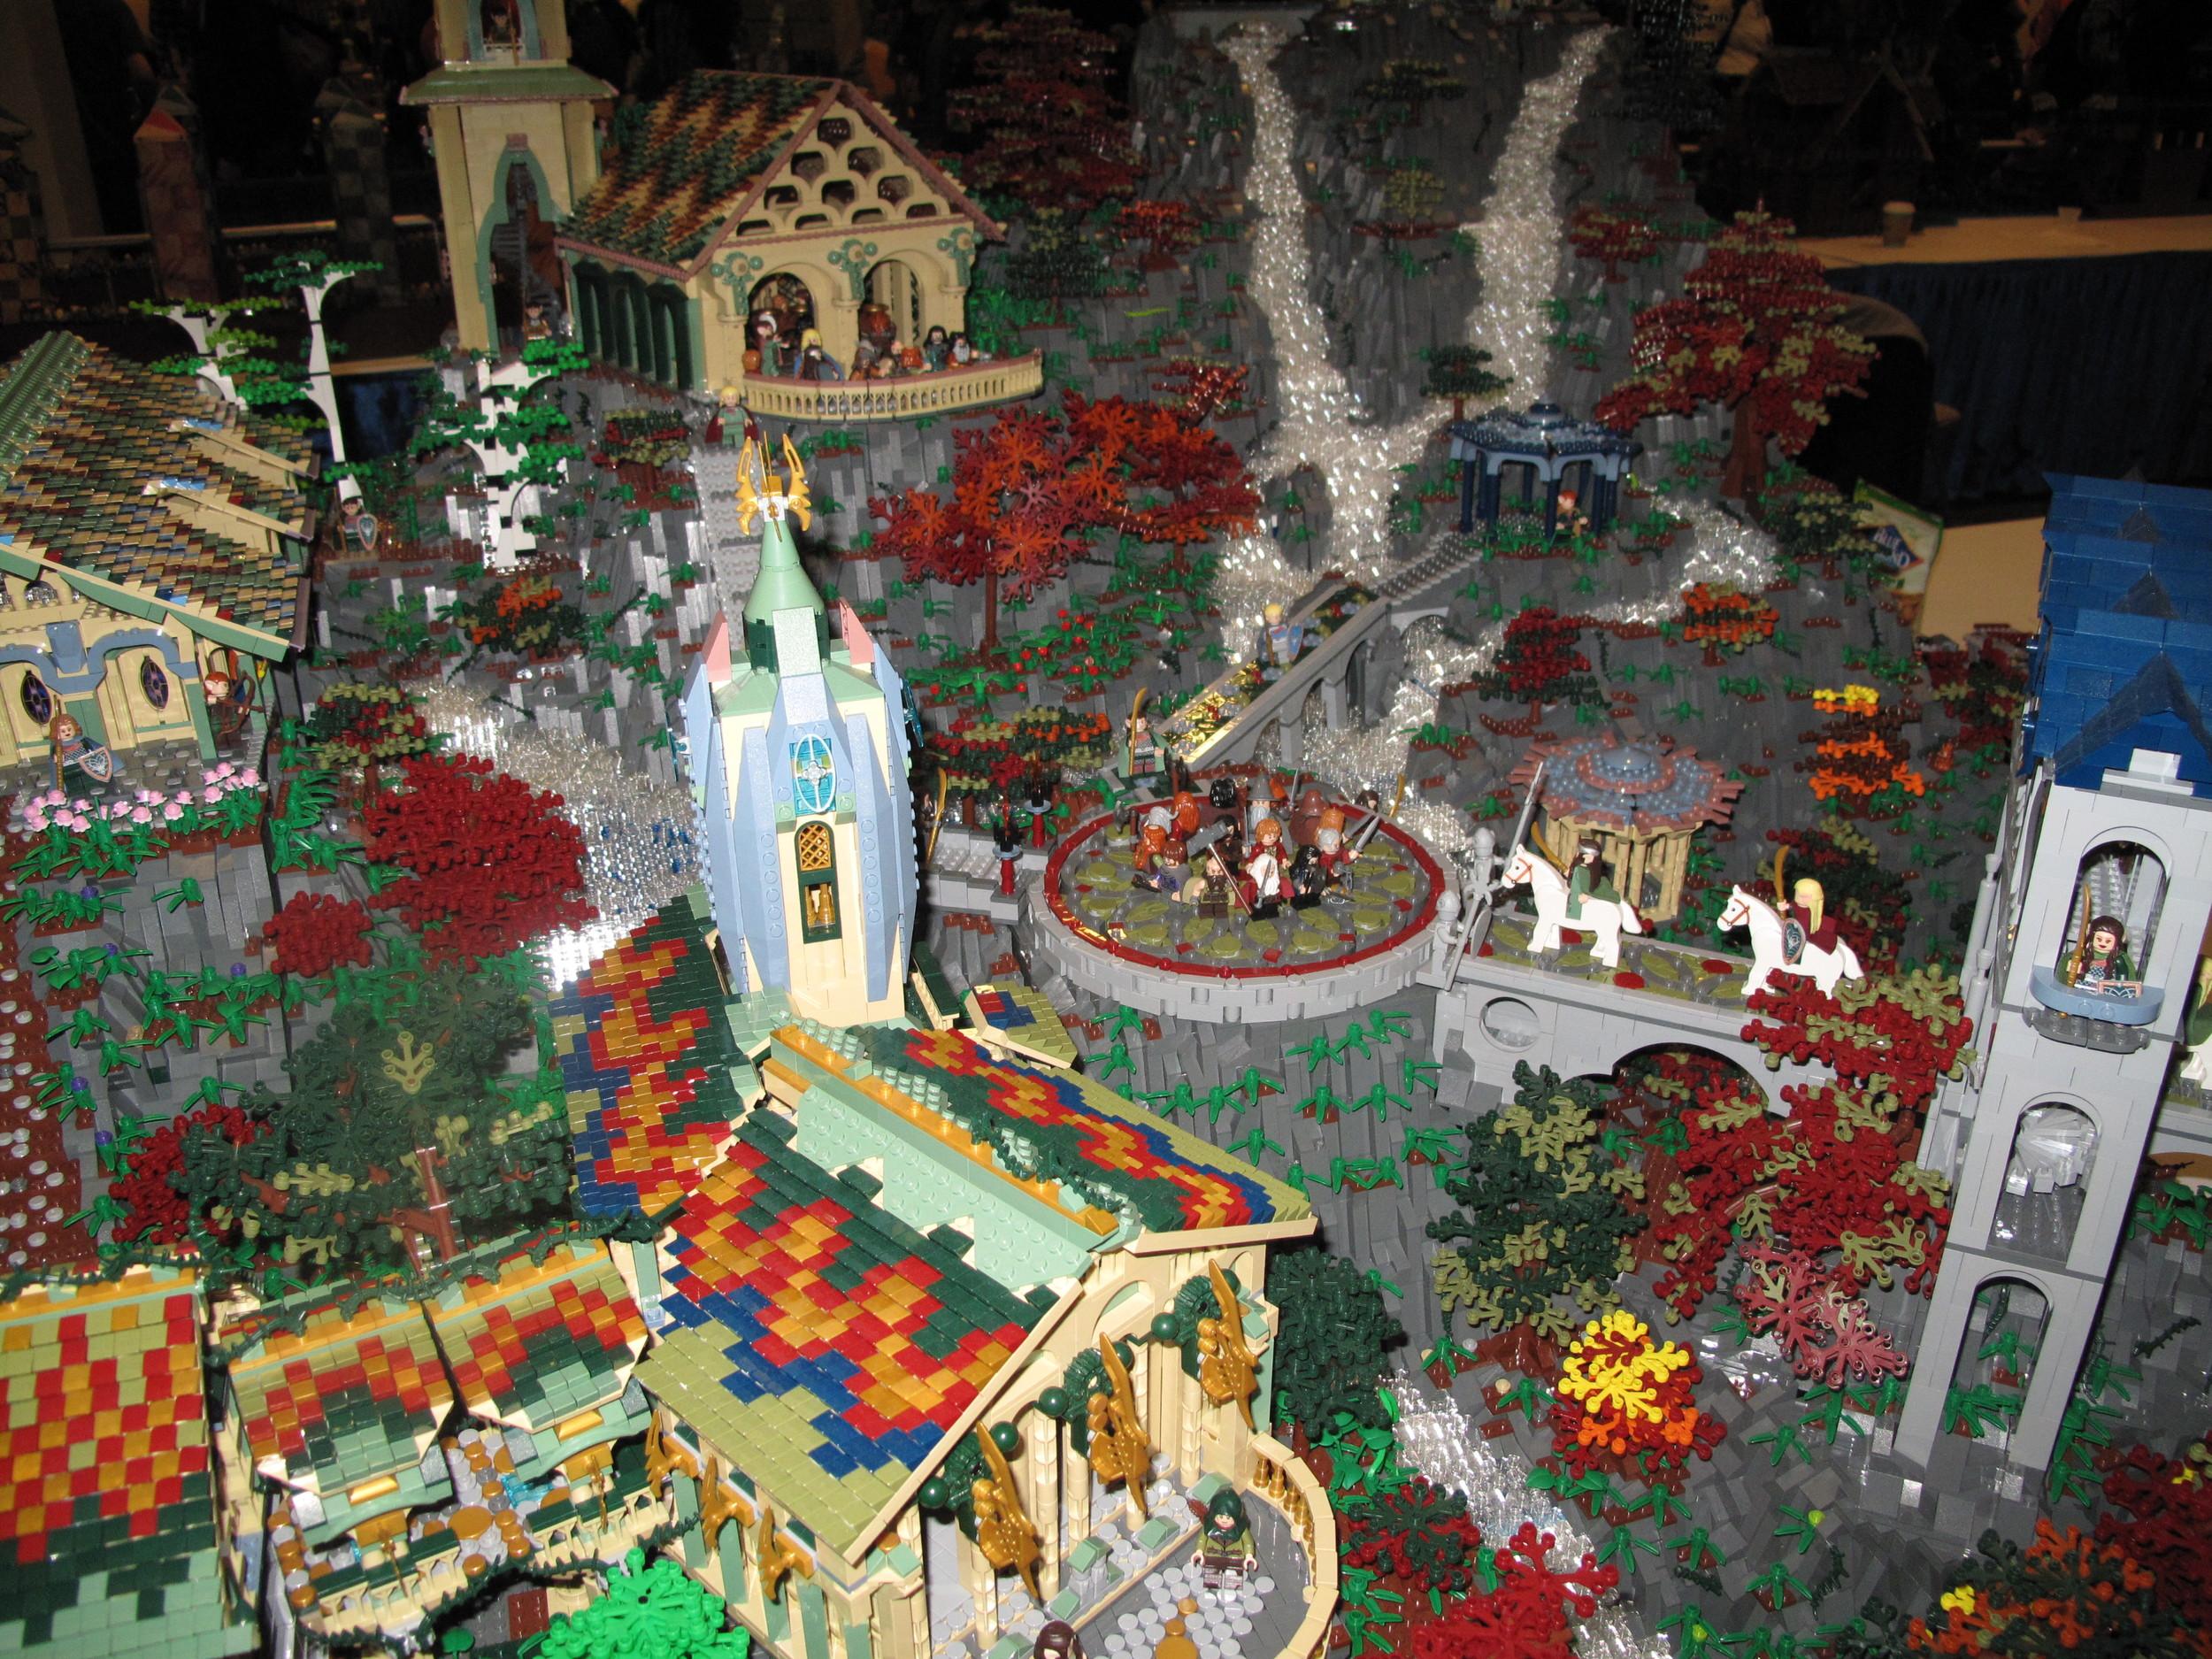 Lego ECCC 2